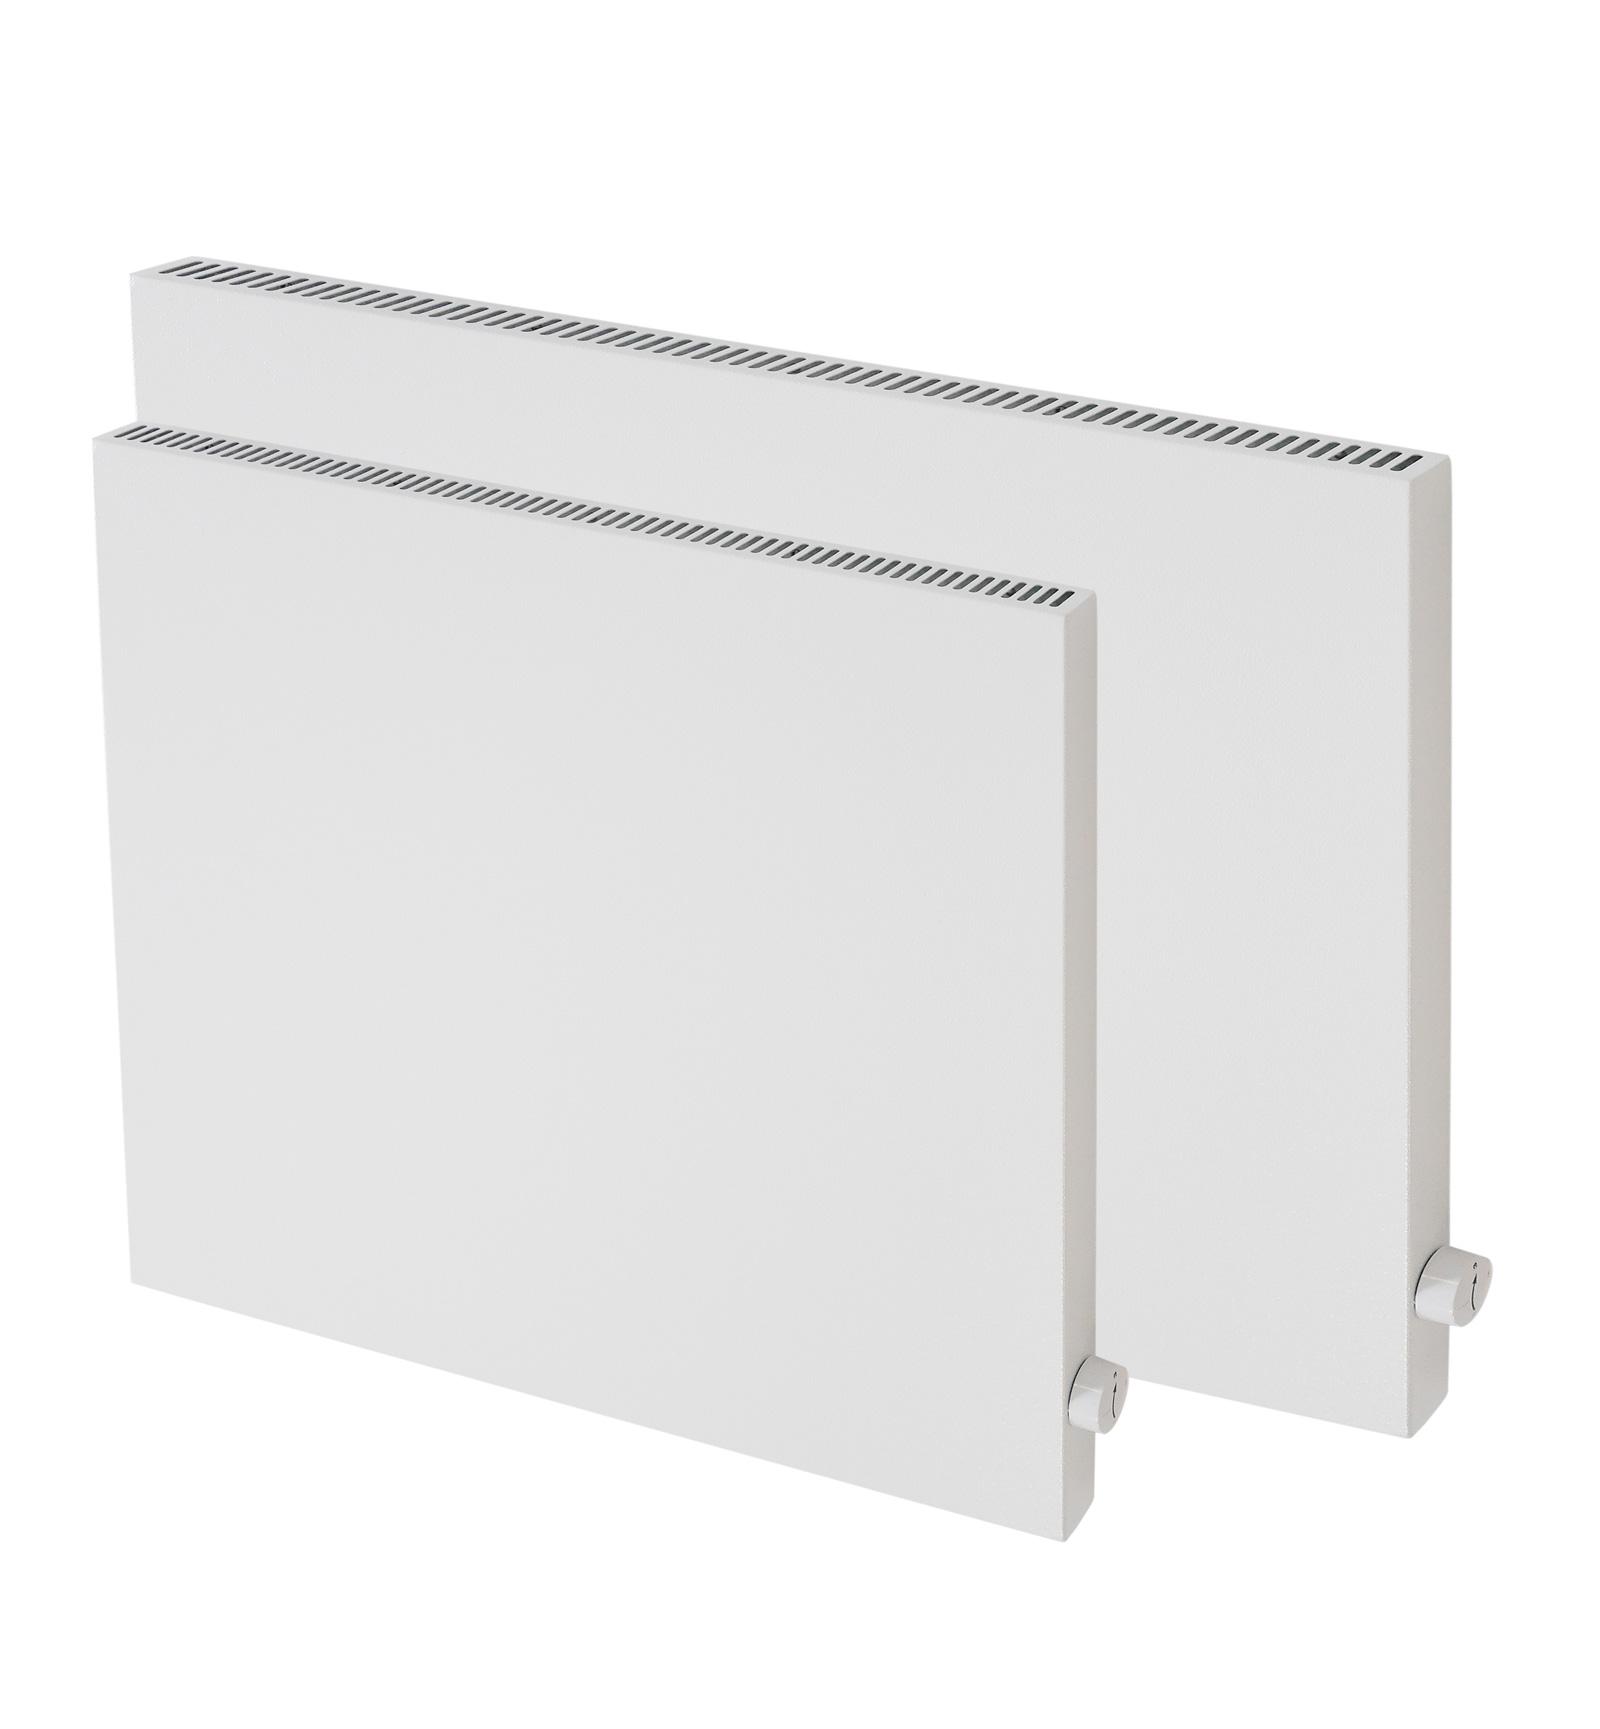 vasner konvi infrarotheizung hybrid konvektionsw rme. Black Bedroom Furniture Sets. Home Design Ideas